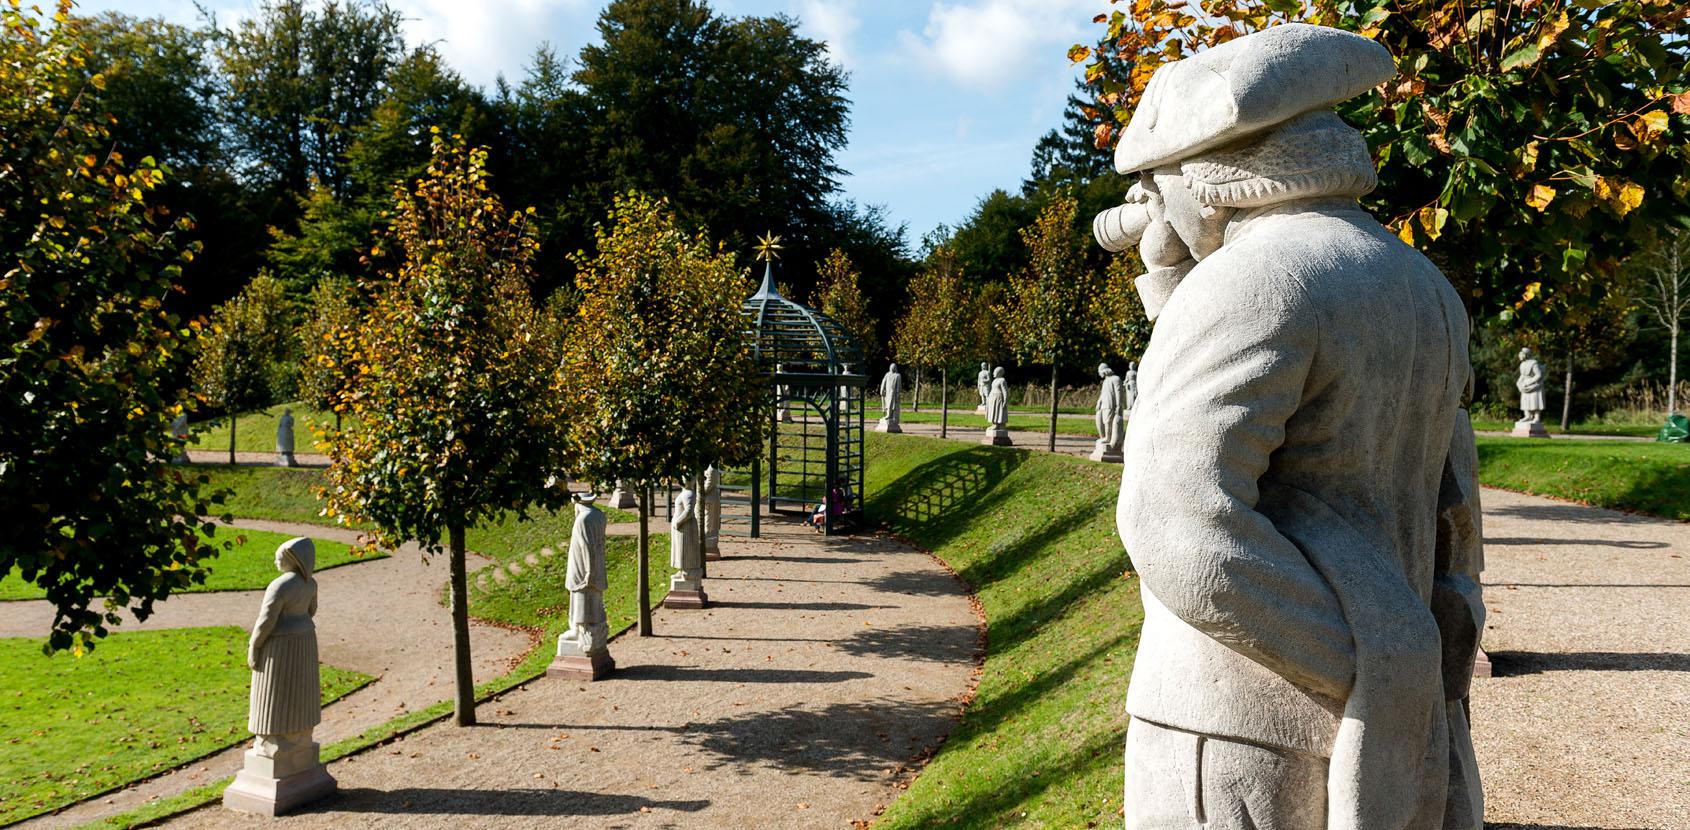 Skulpturer af bønder og fiskere står i Frederik 5.s barokhave på Fredensborg Slot. Foto: Thomas Rahbek